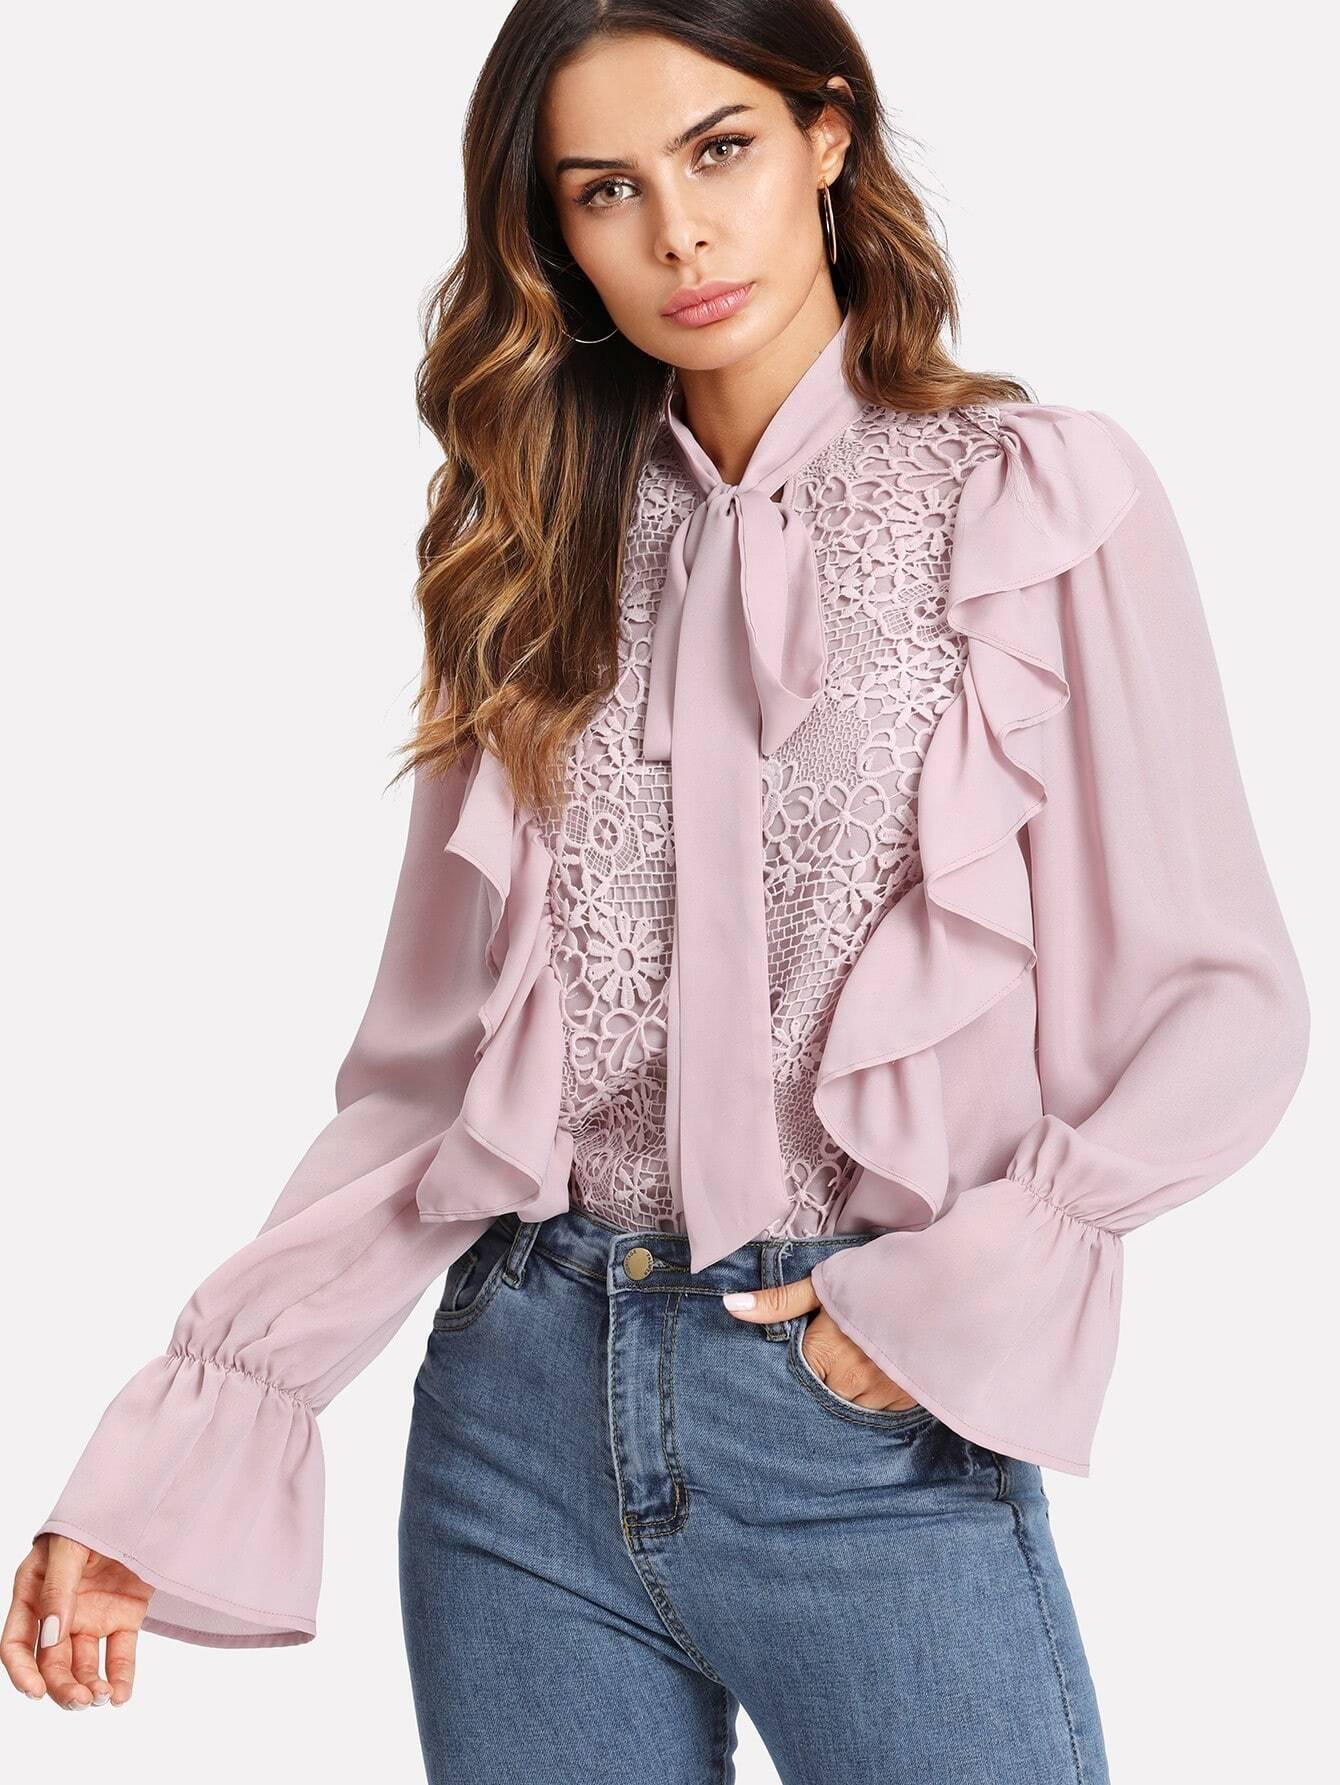 Tie Neck Lace Applique Ruffle Blouse blouse171120704